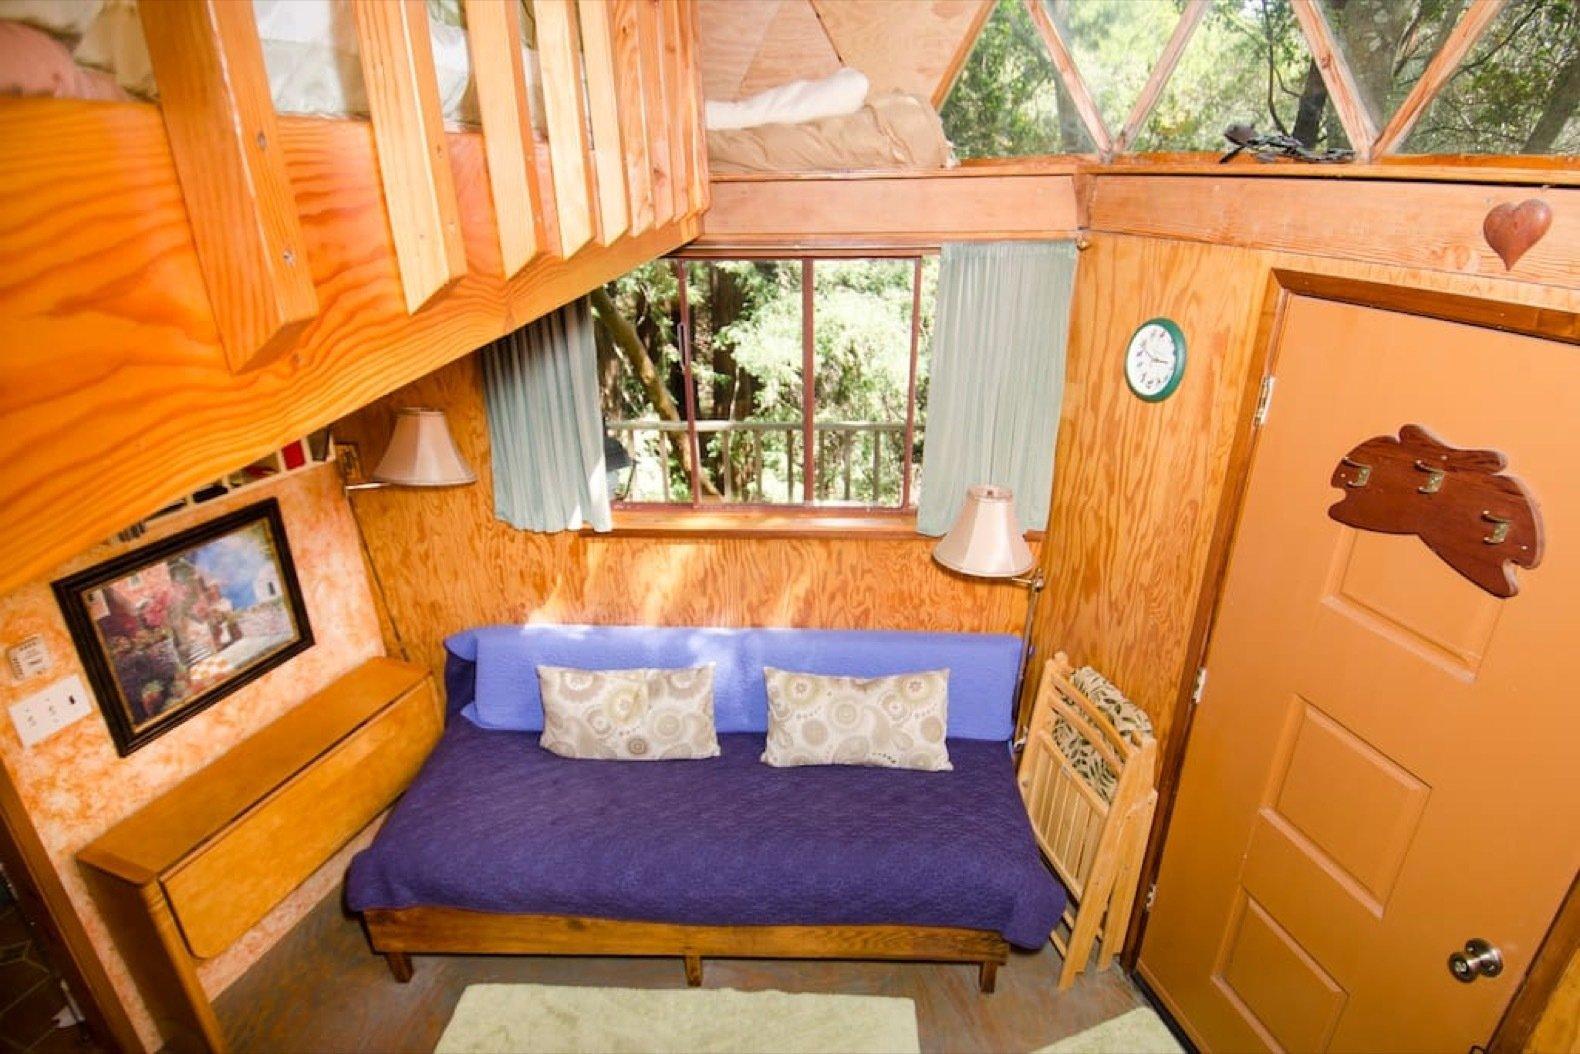 Mushroom Dome Cabin interior